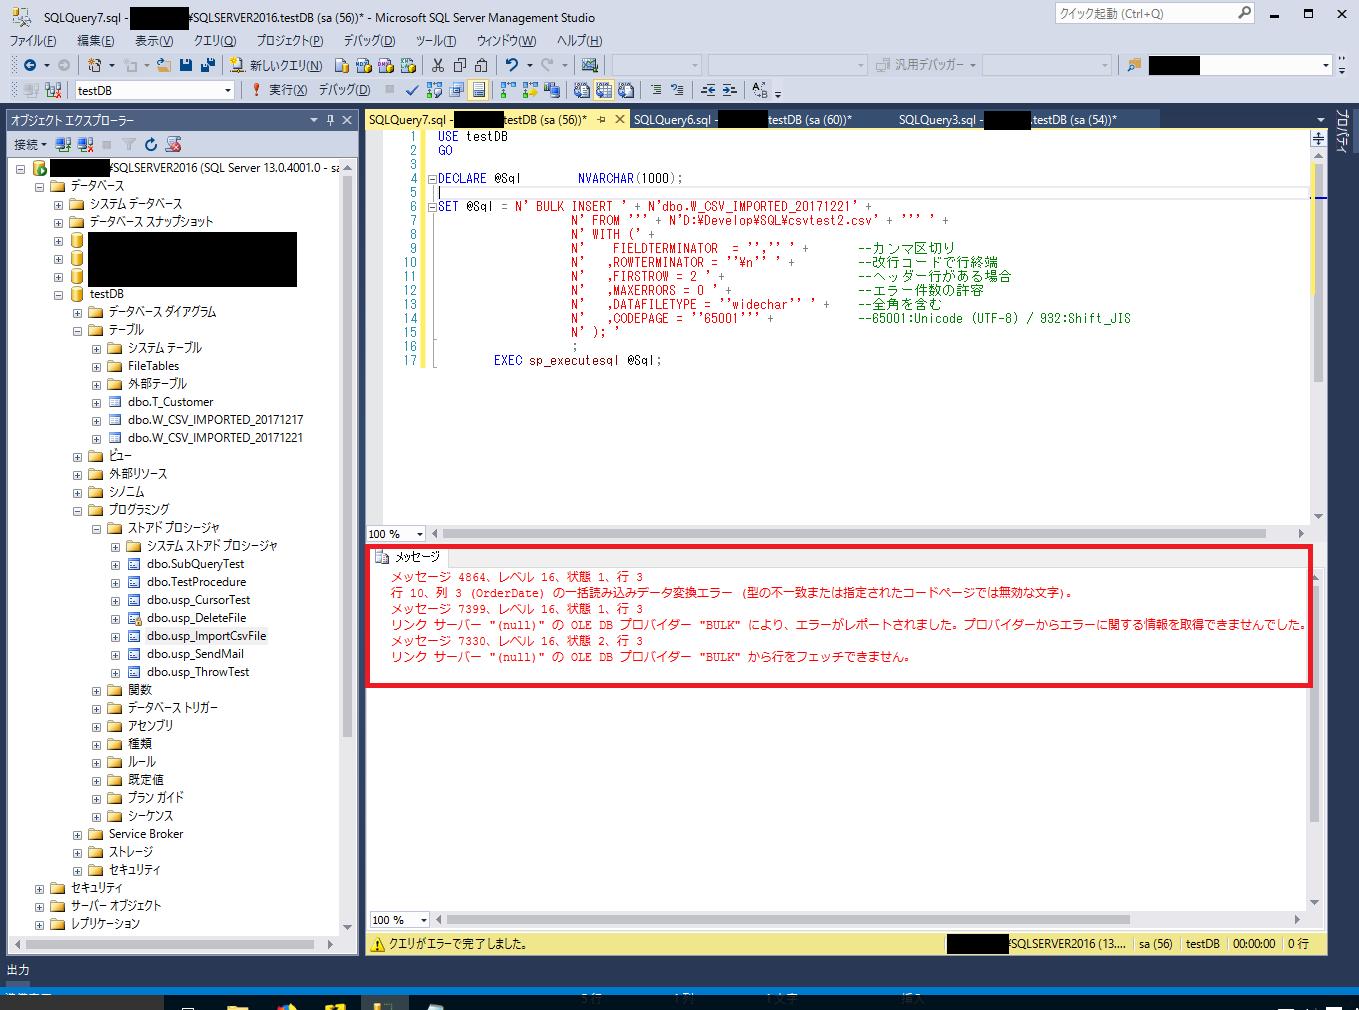 sqlserver_bulkinsert_error_02.png